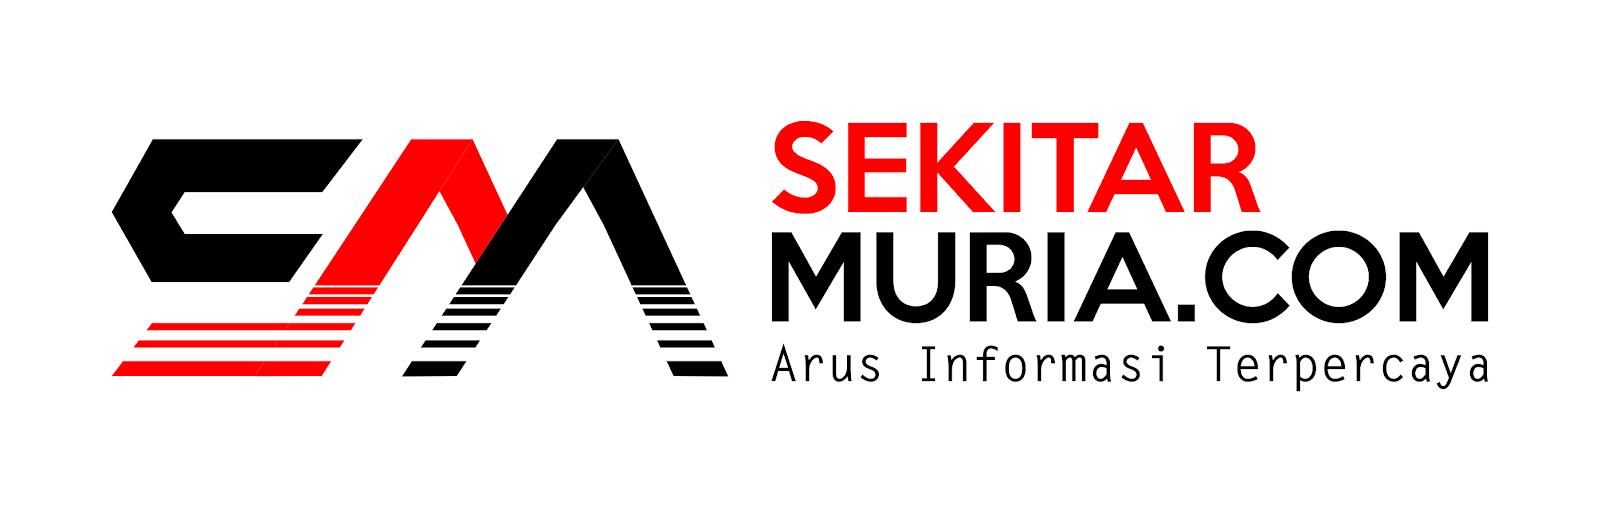 SEKITARMURIA.COM I Arus Informasi Terpercaya